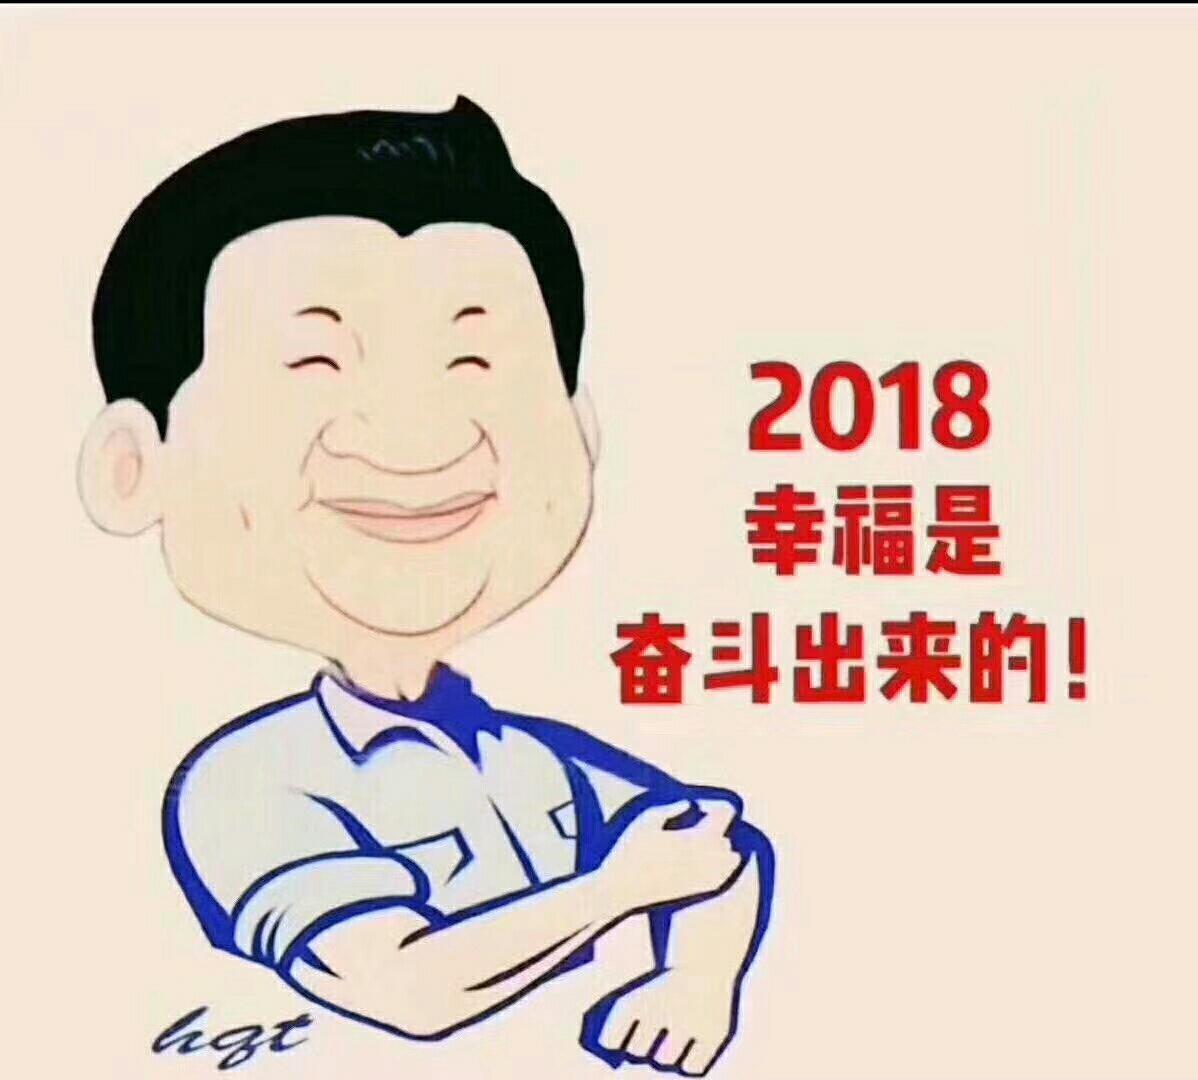 2018幸福是奋斗出来的!一起加油吧友友们!